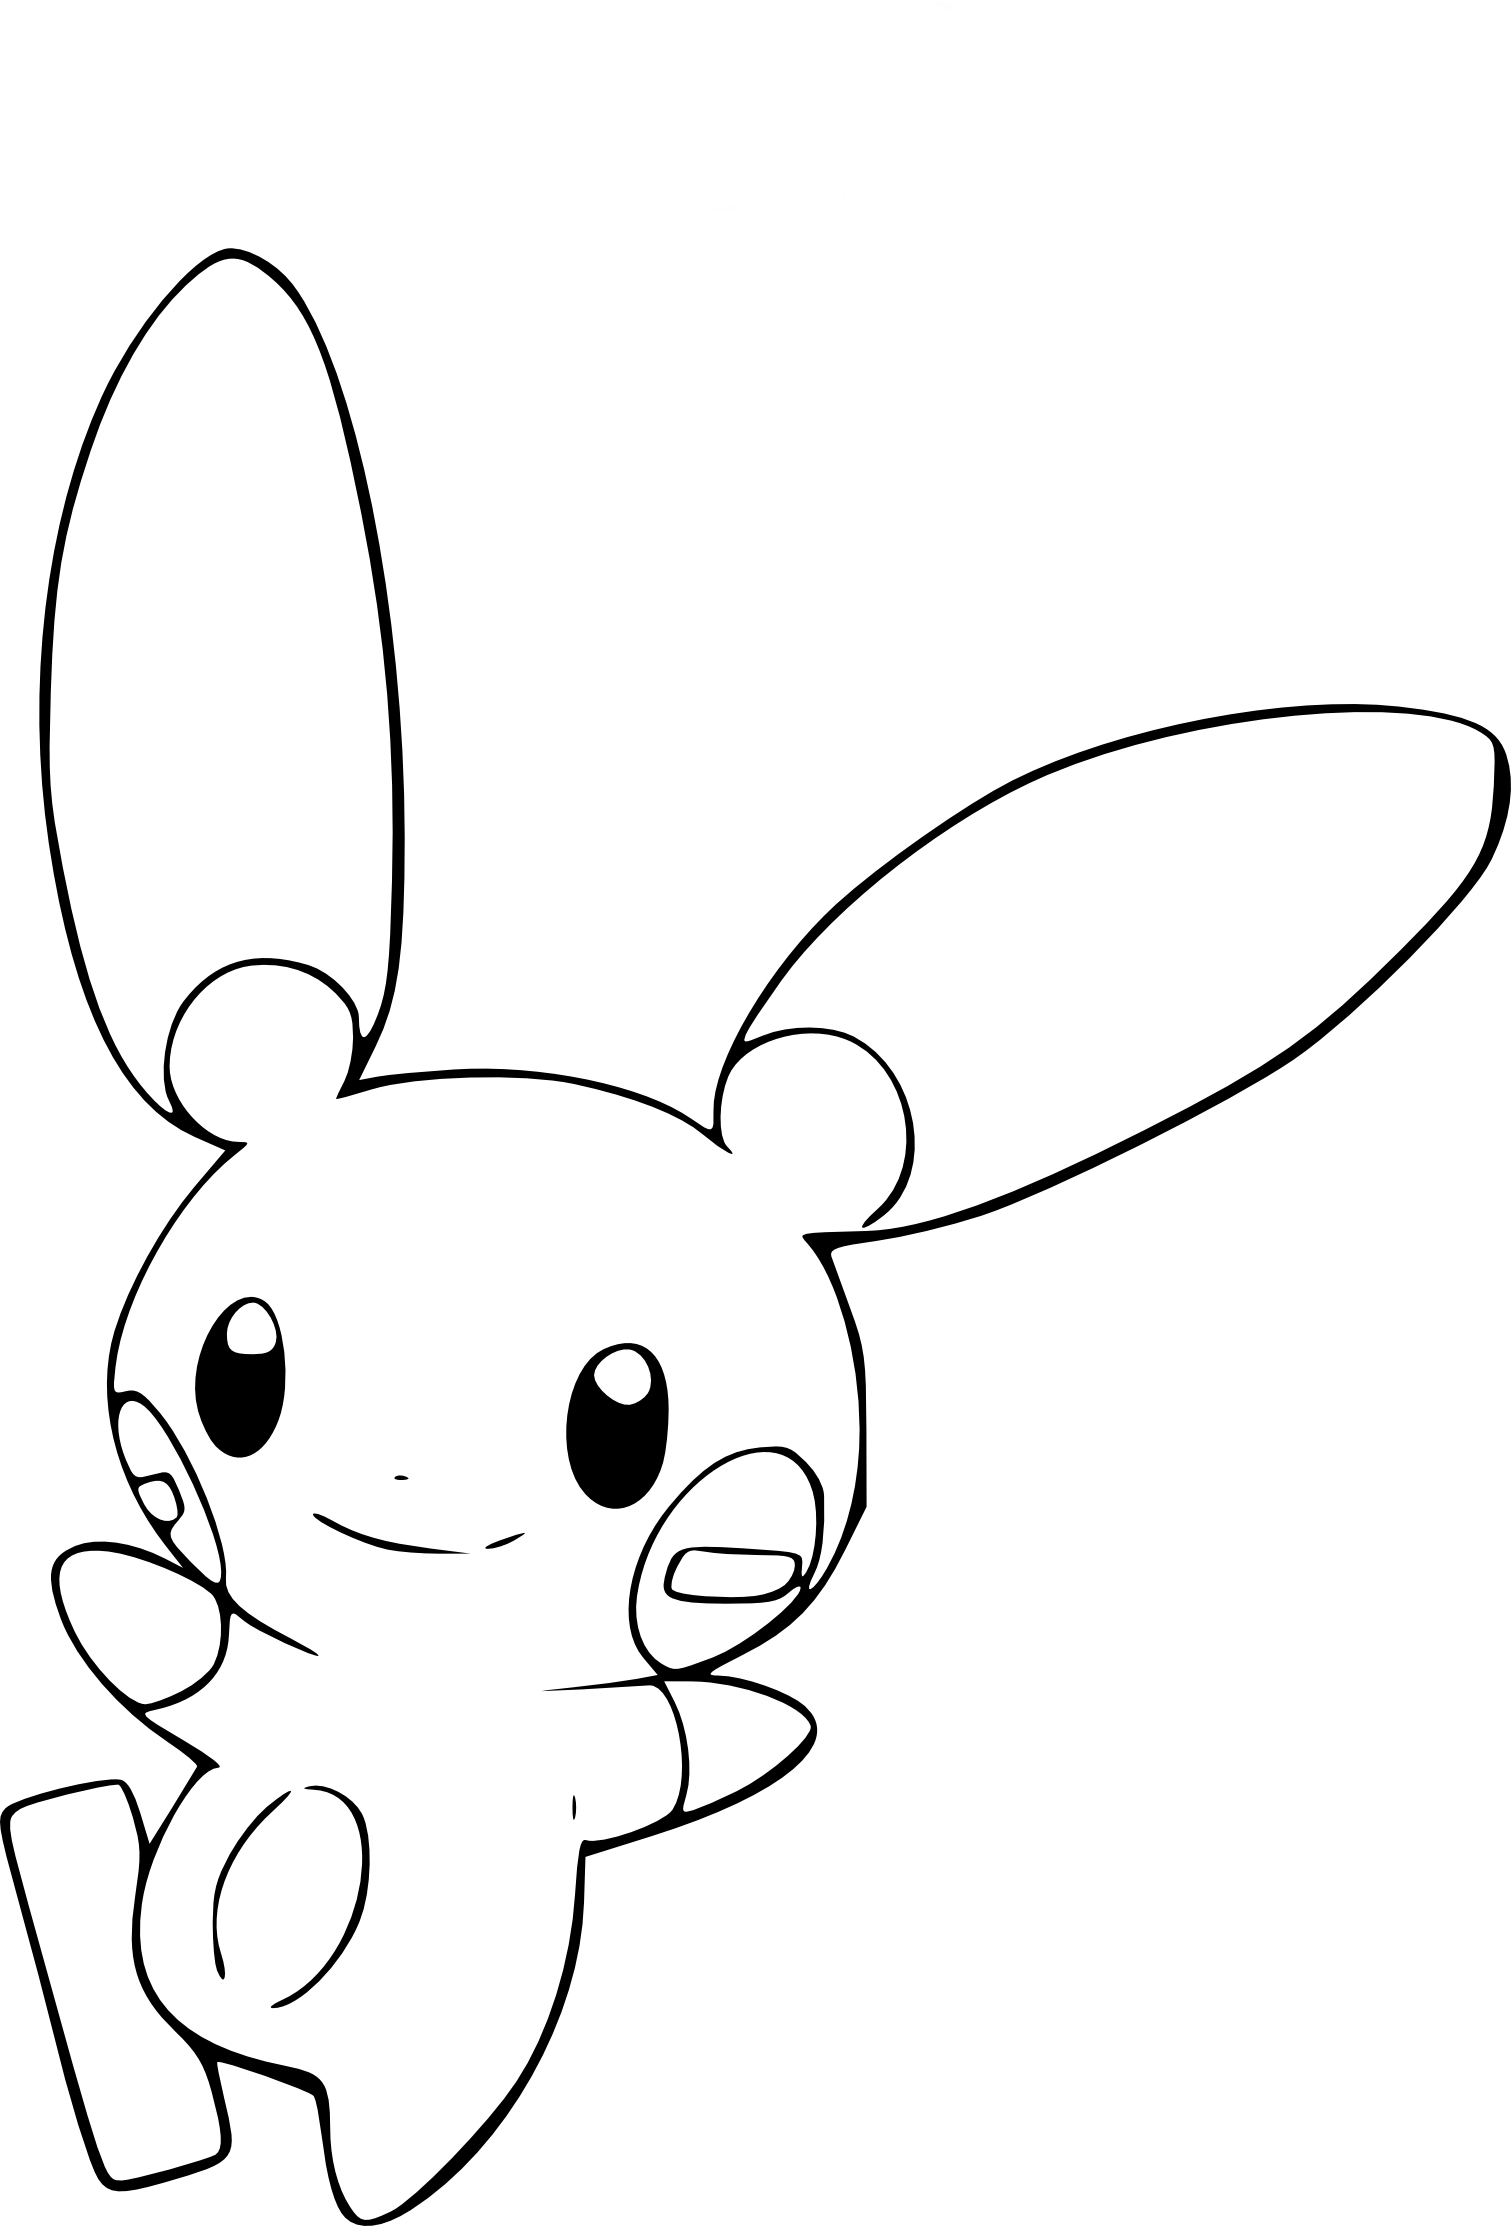 Coloriage Negapi Pokemon Gratuit A Imprimer